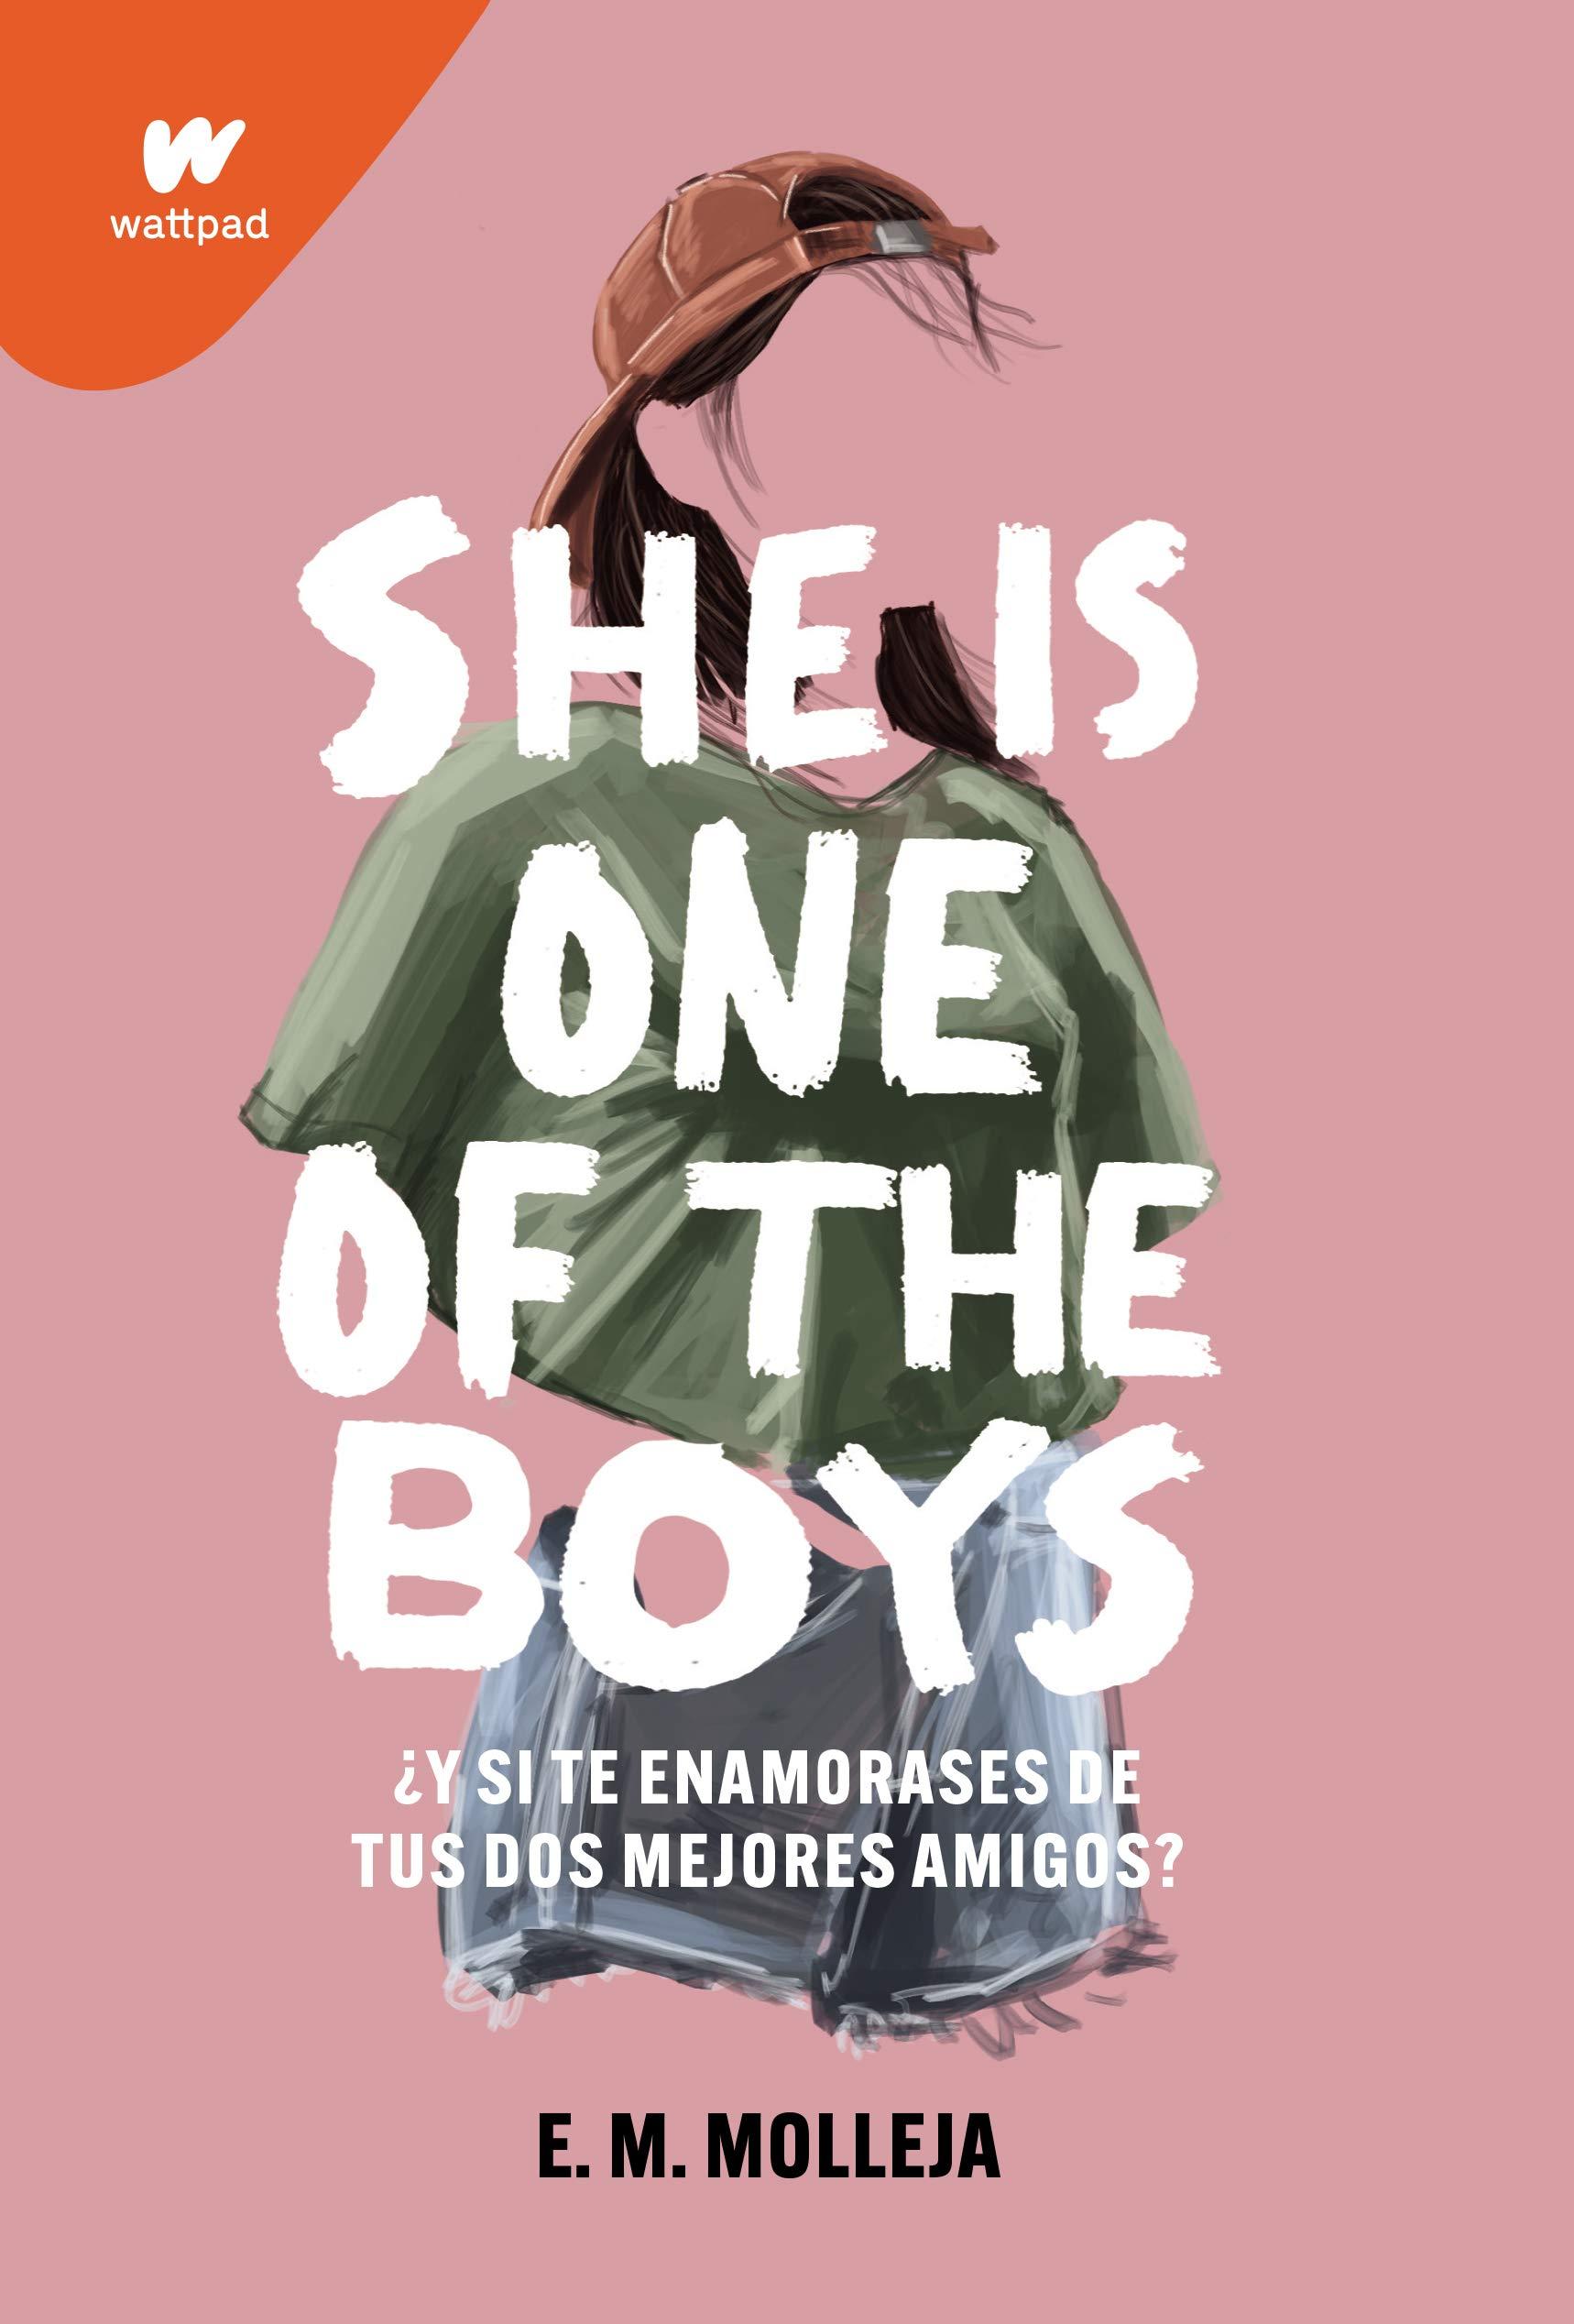 She is one of the boys: ¿Qué pasaría si te enamoras de tus ...